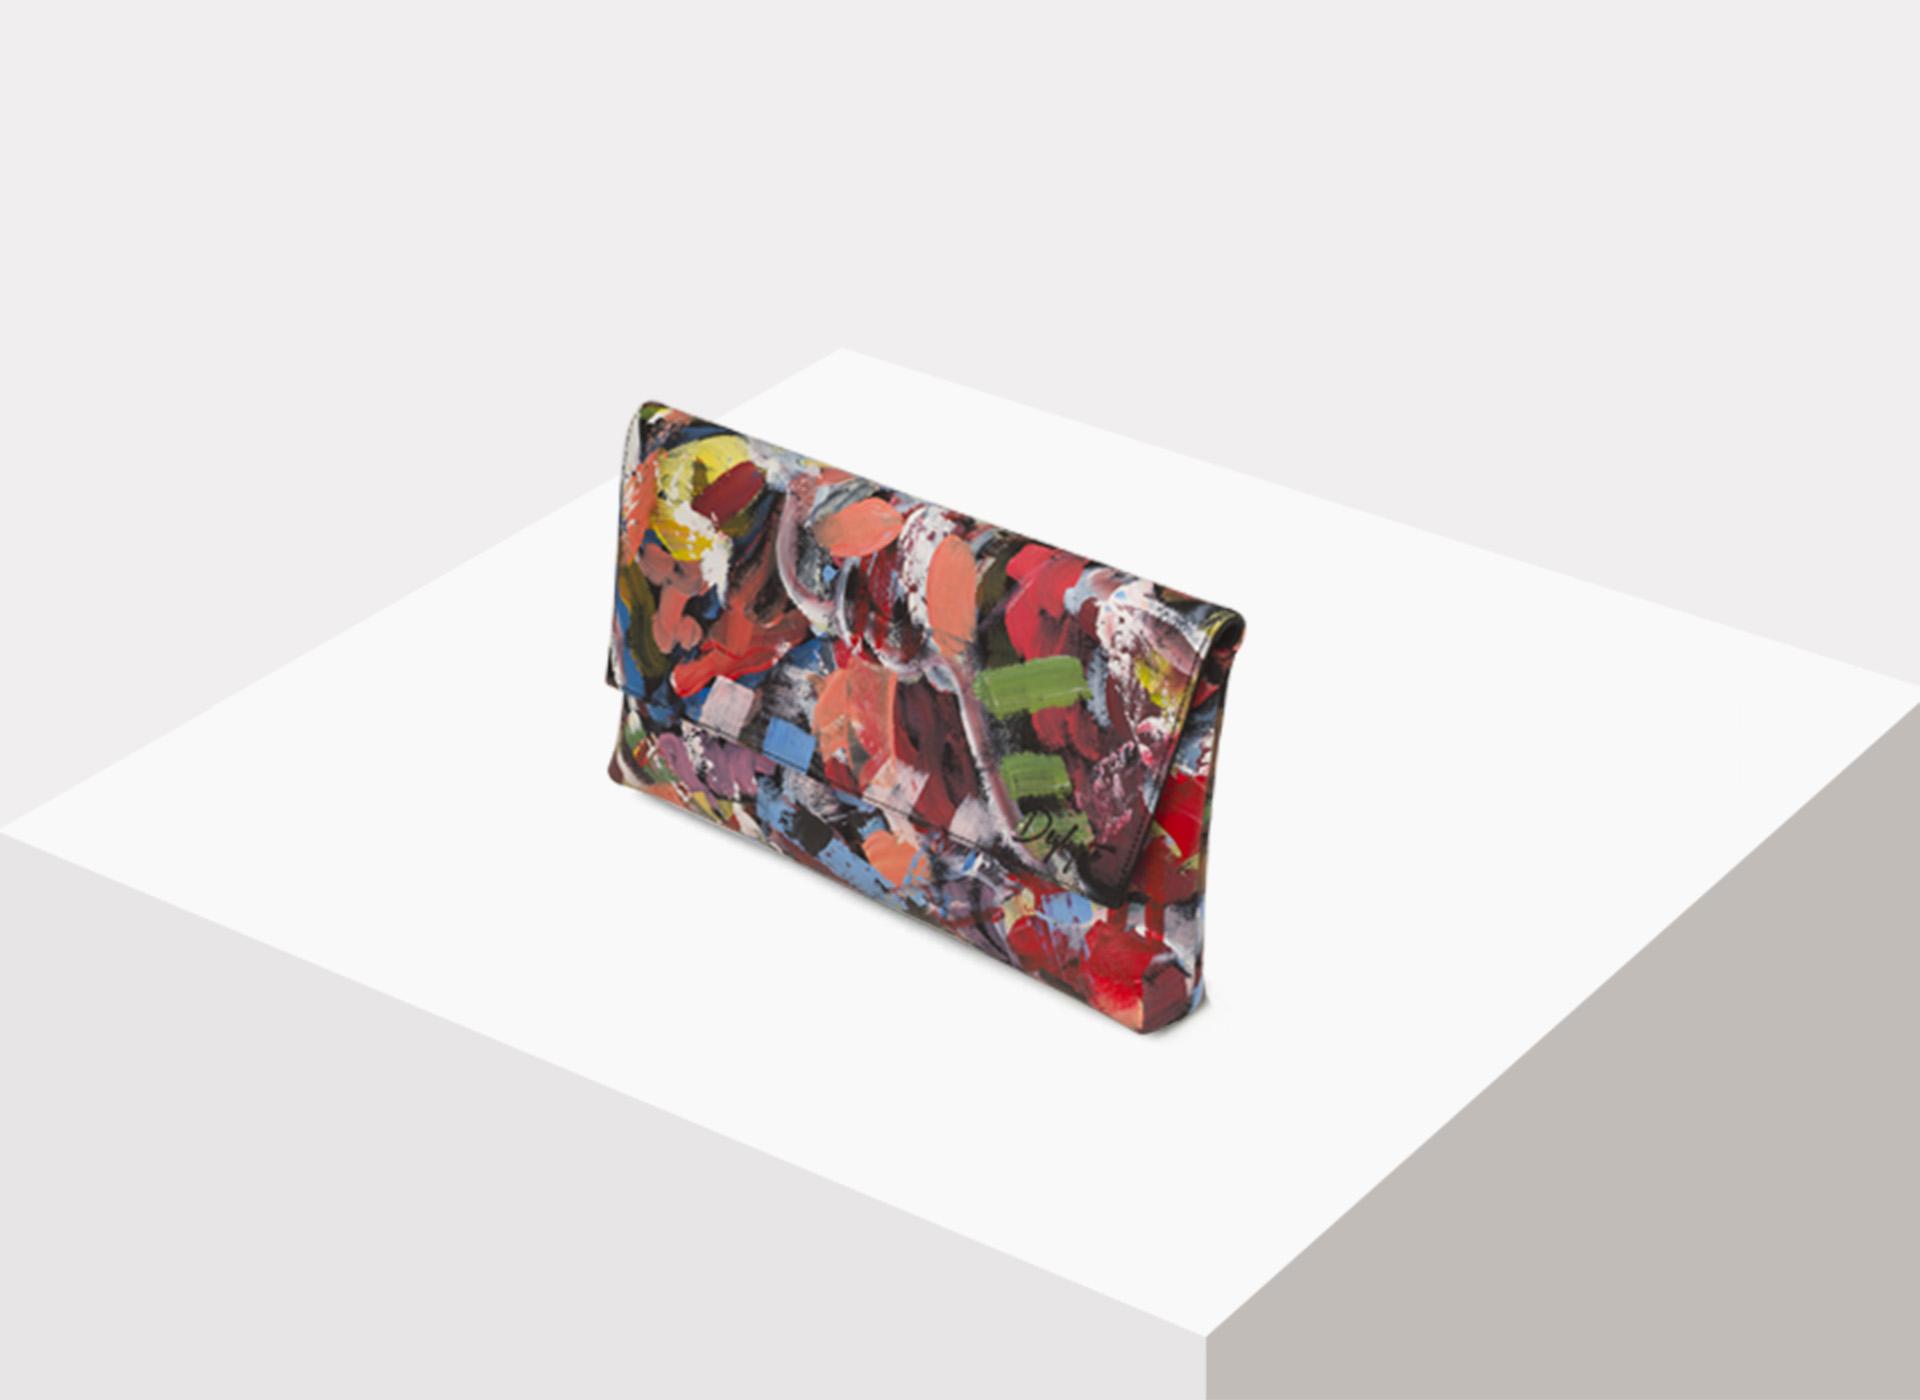 Bonsai 5006030007-1 - Deglupta